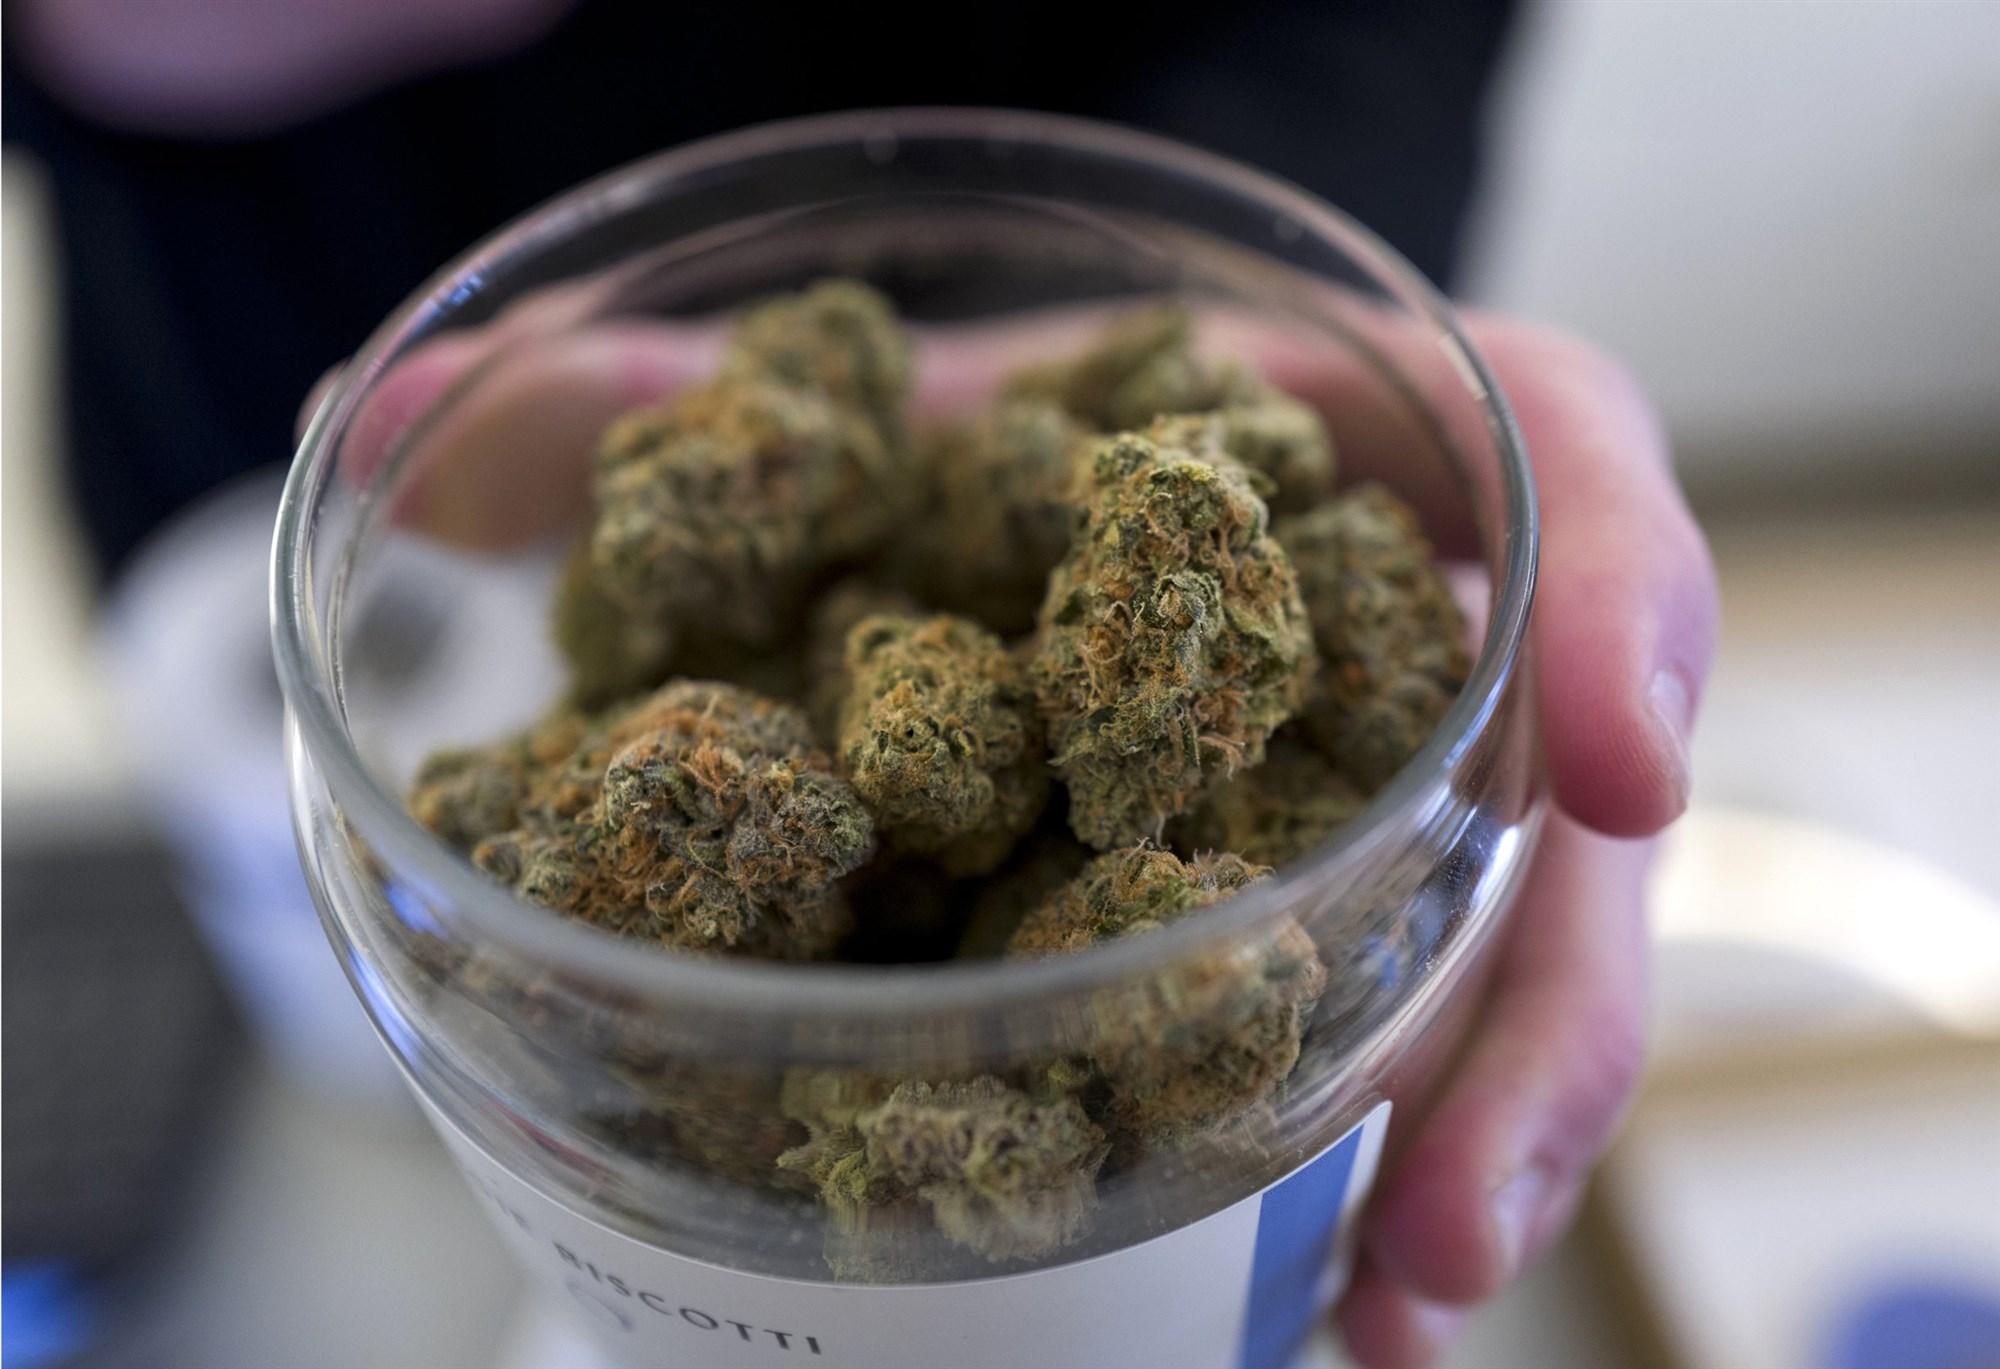 190308-dispensary-marijuana-oregon-ac-617p_75436c5f24609dd8a2dd1b921fdf4f79.fit-2000w.jpg